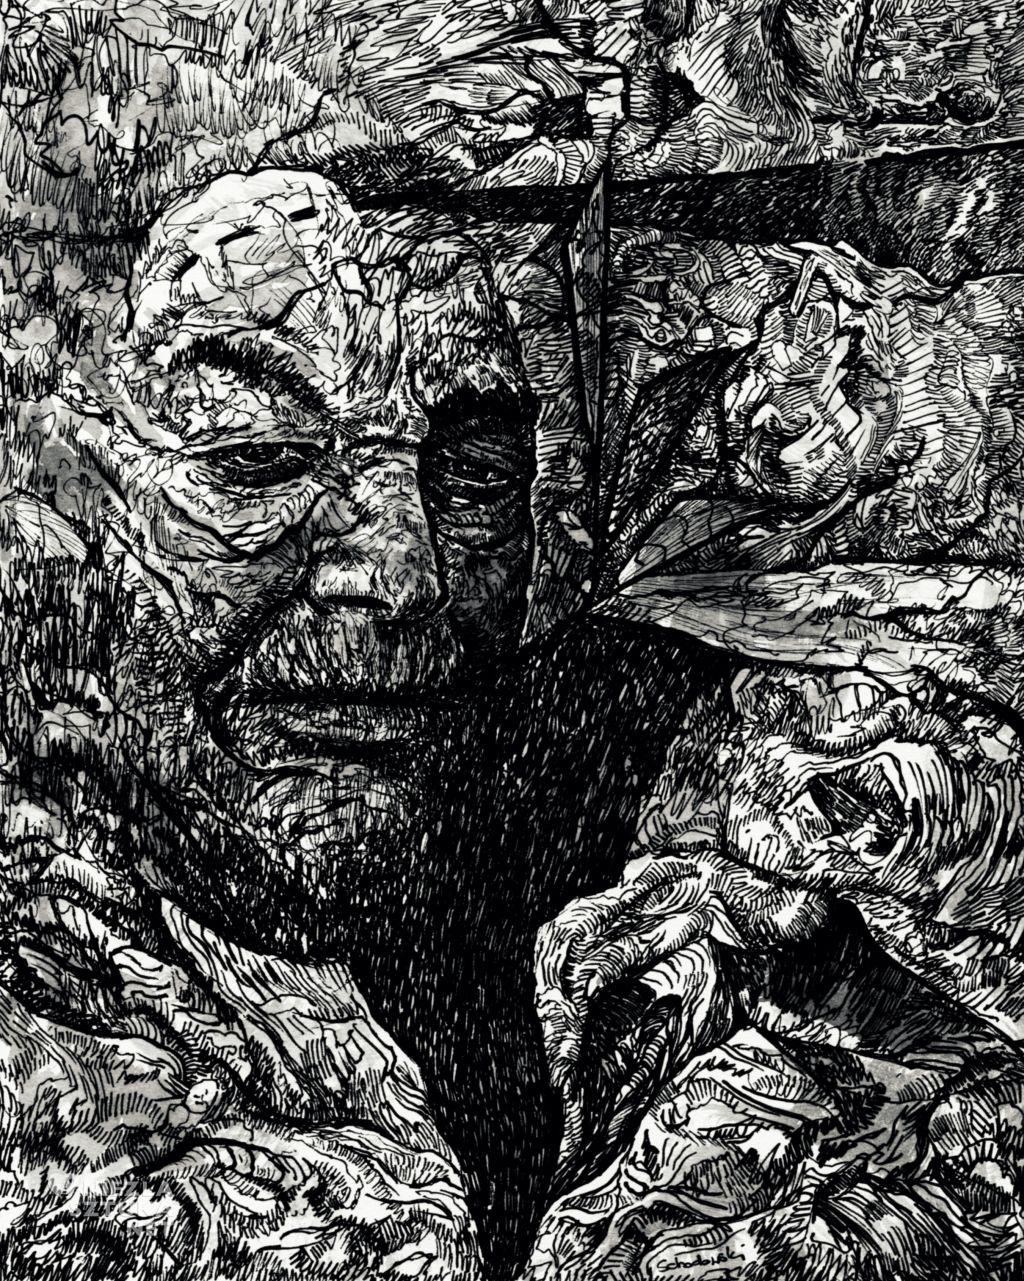 Krzysztof Schodowski wokol coraz wiecej ciszy